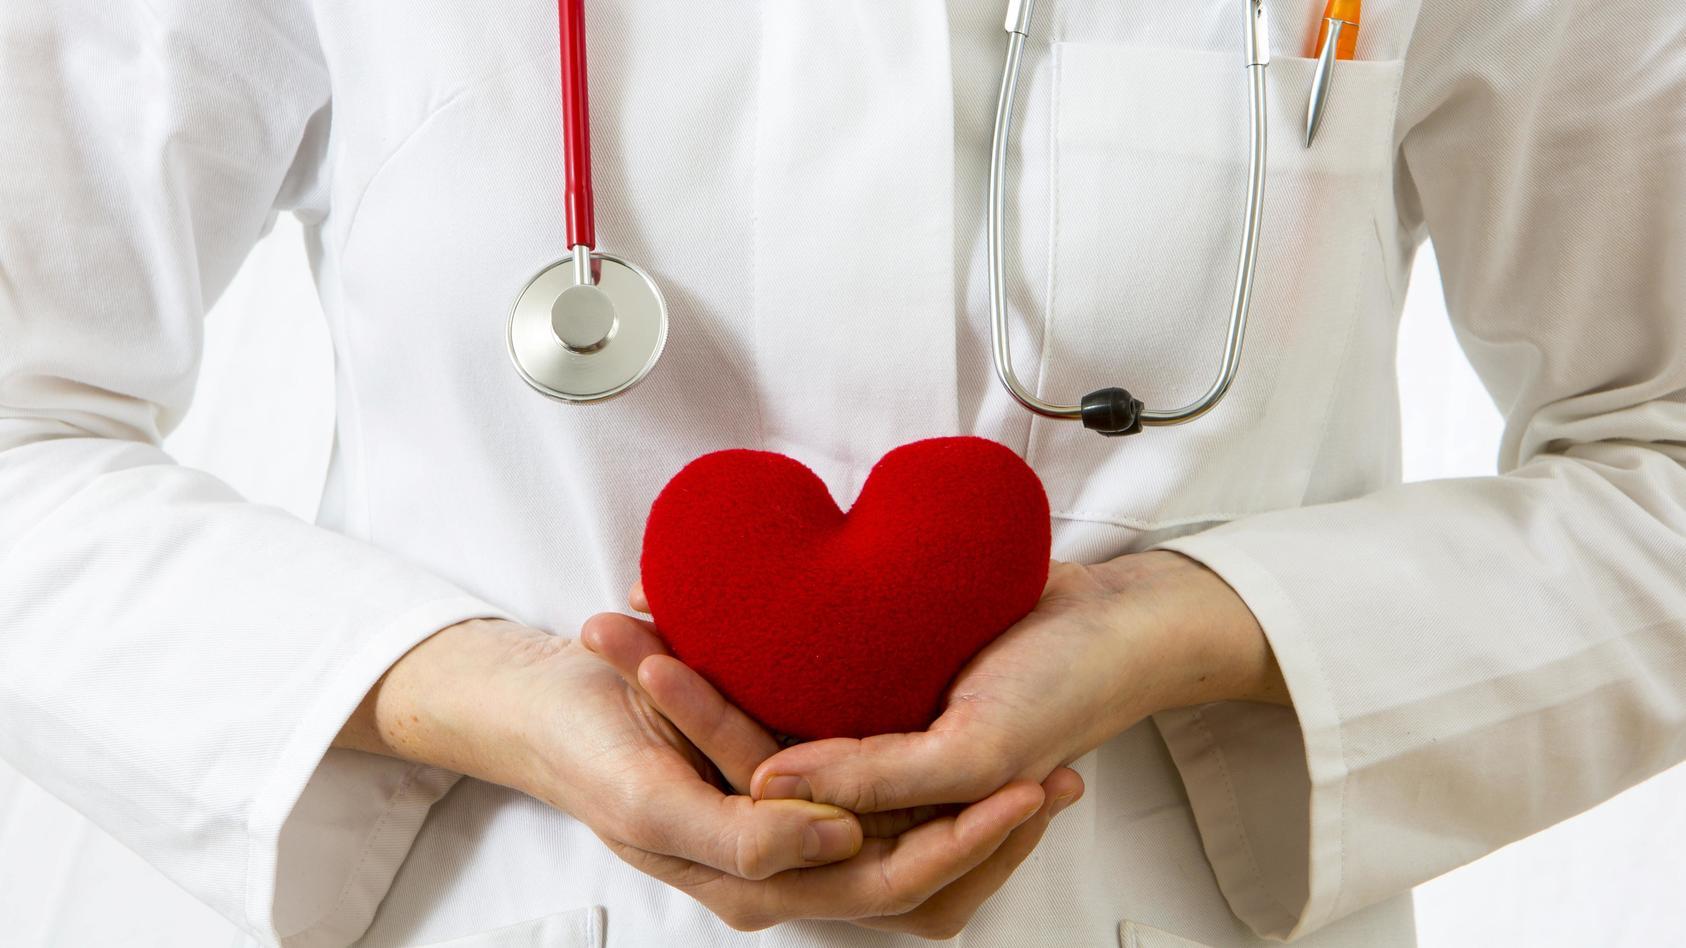 Das Ergebnis einer US-Studie: Menschen mit einer Corona-Infektion zeigten in den ersten 30 Tagen ihrer Erkrankung ein deutlich erhöhtes Risiko für kardiovaskuläre Probleme auf.